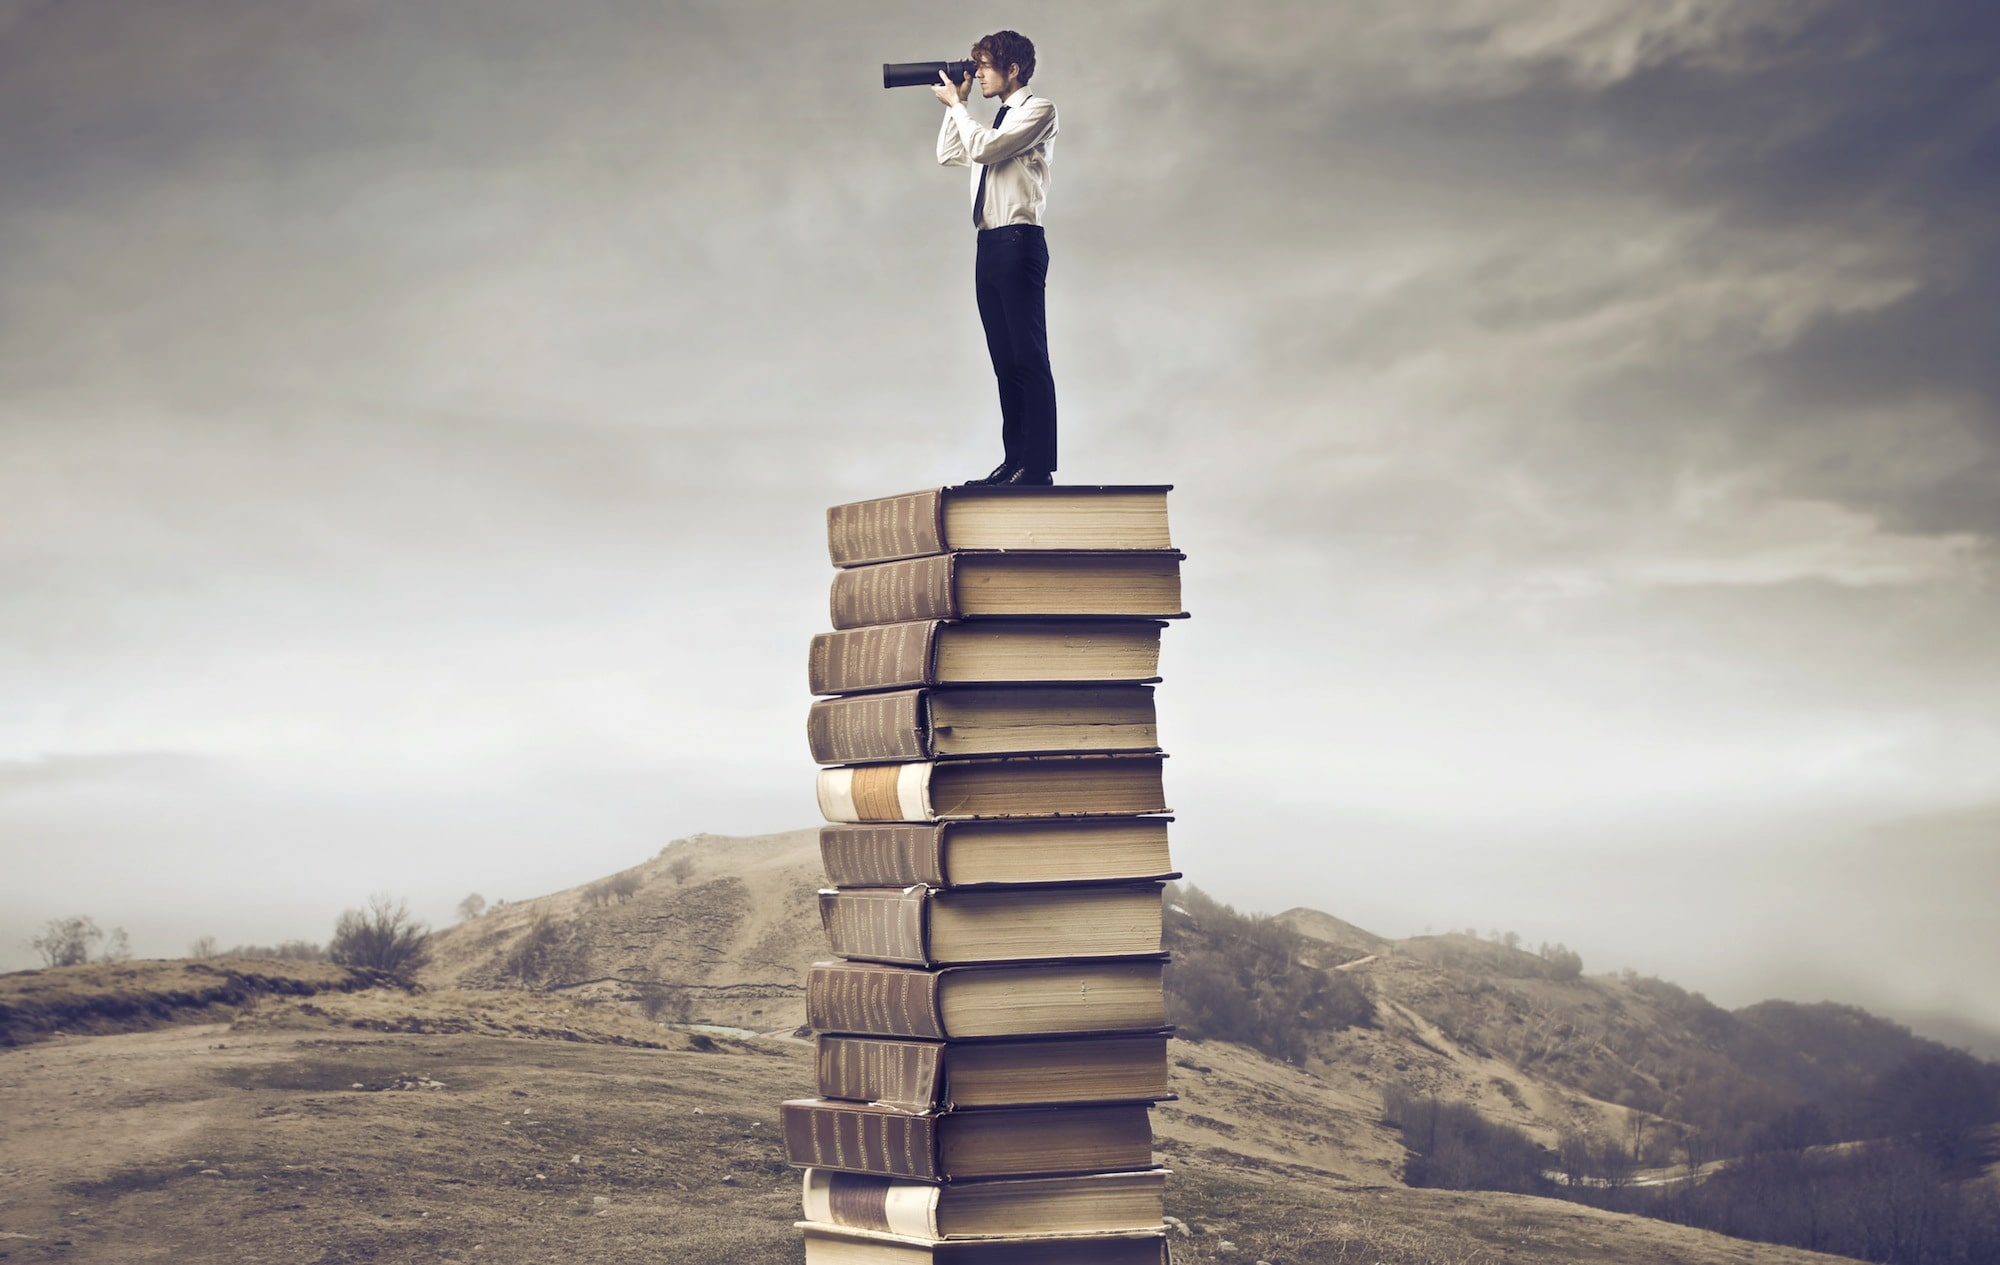 بهترین کتاب افزایش اطلاعات عمومی کدام است؟! آشنایی با ۸ کتاب مشهور